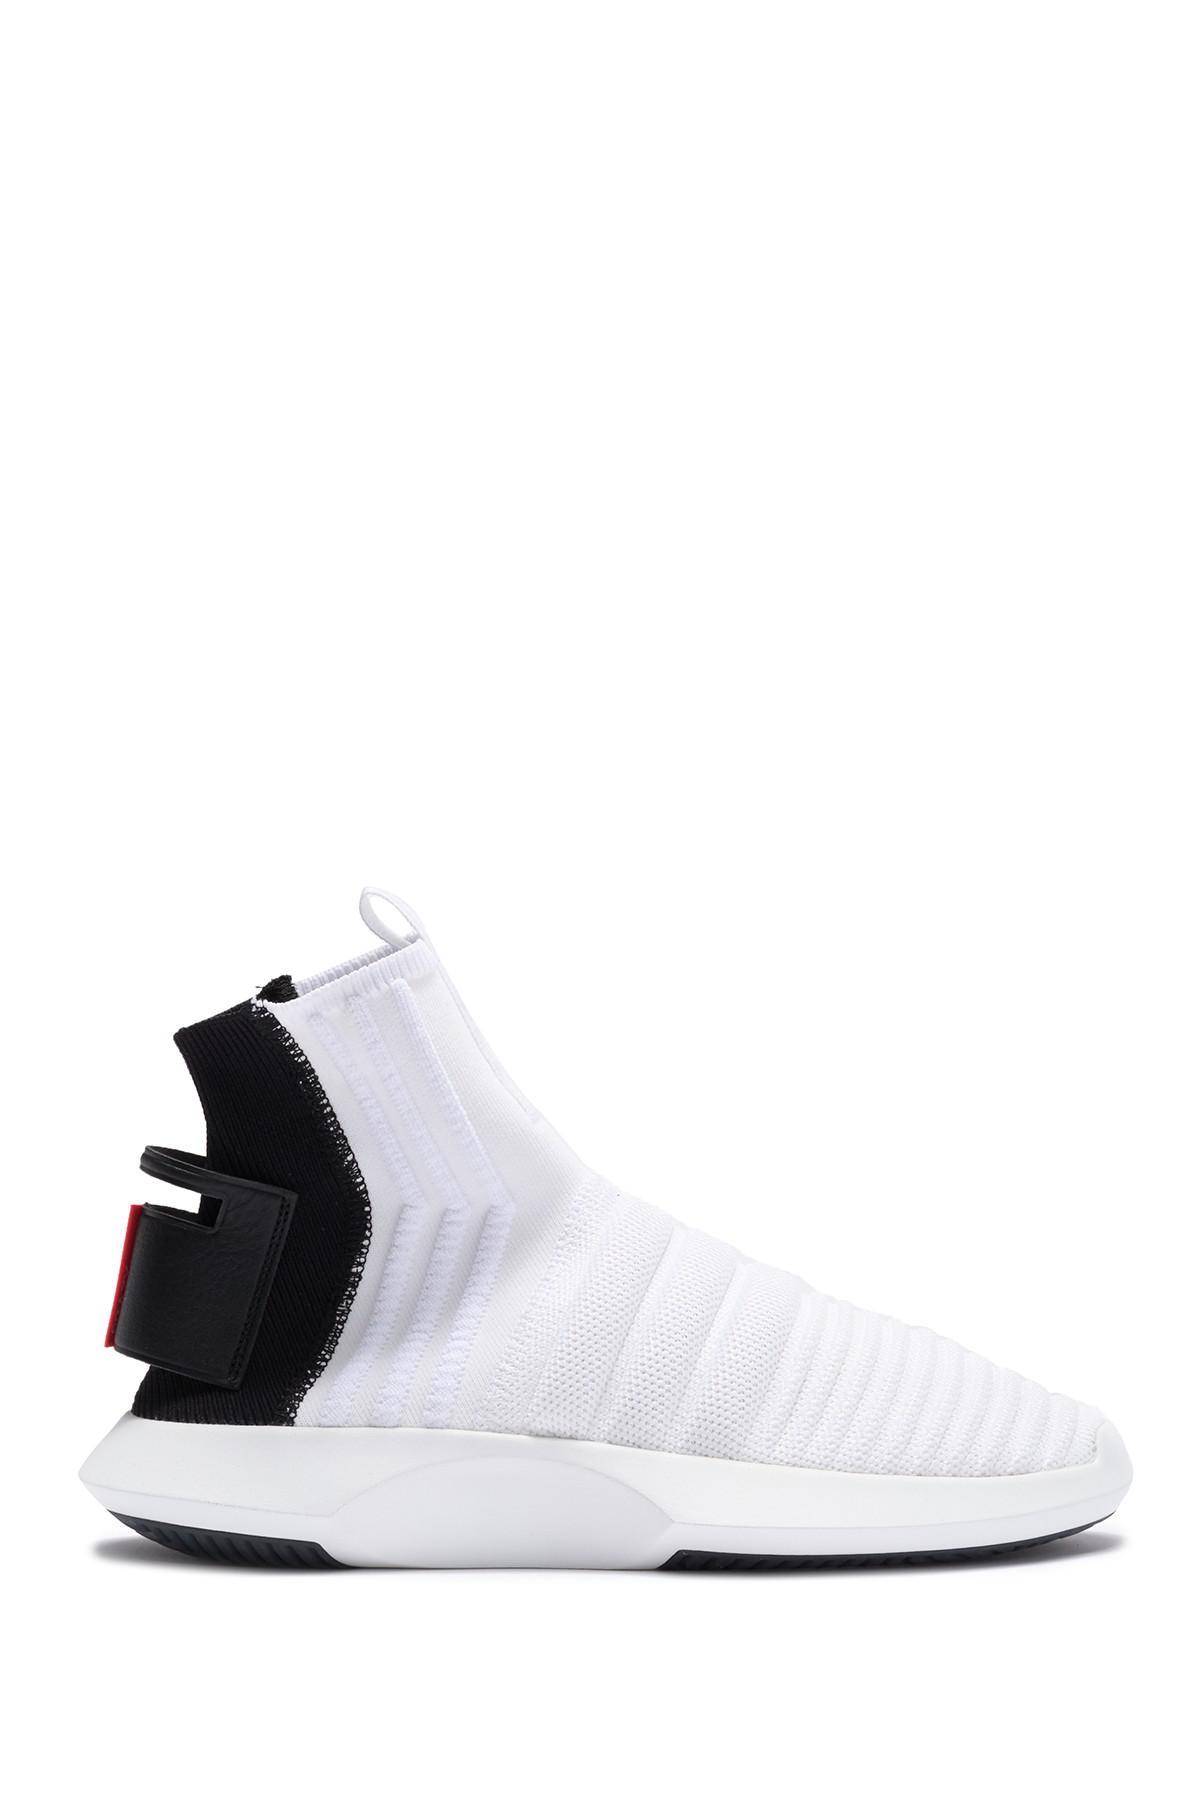 brand new ab556 abcde Adidas - White Crazy 1 Adv Sock Pk Sneaker for Men - Lyst. View fullscreen